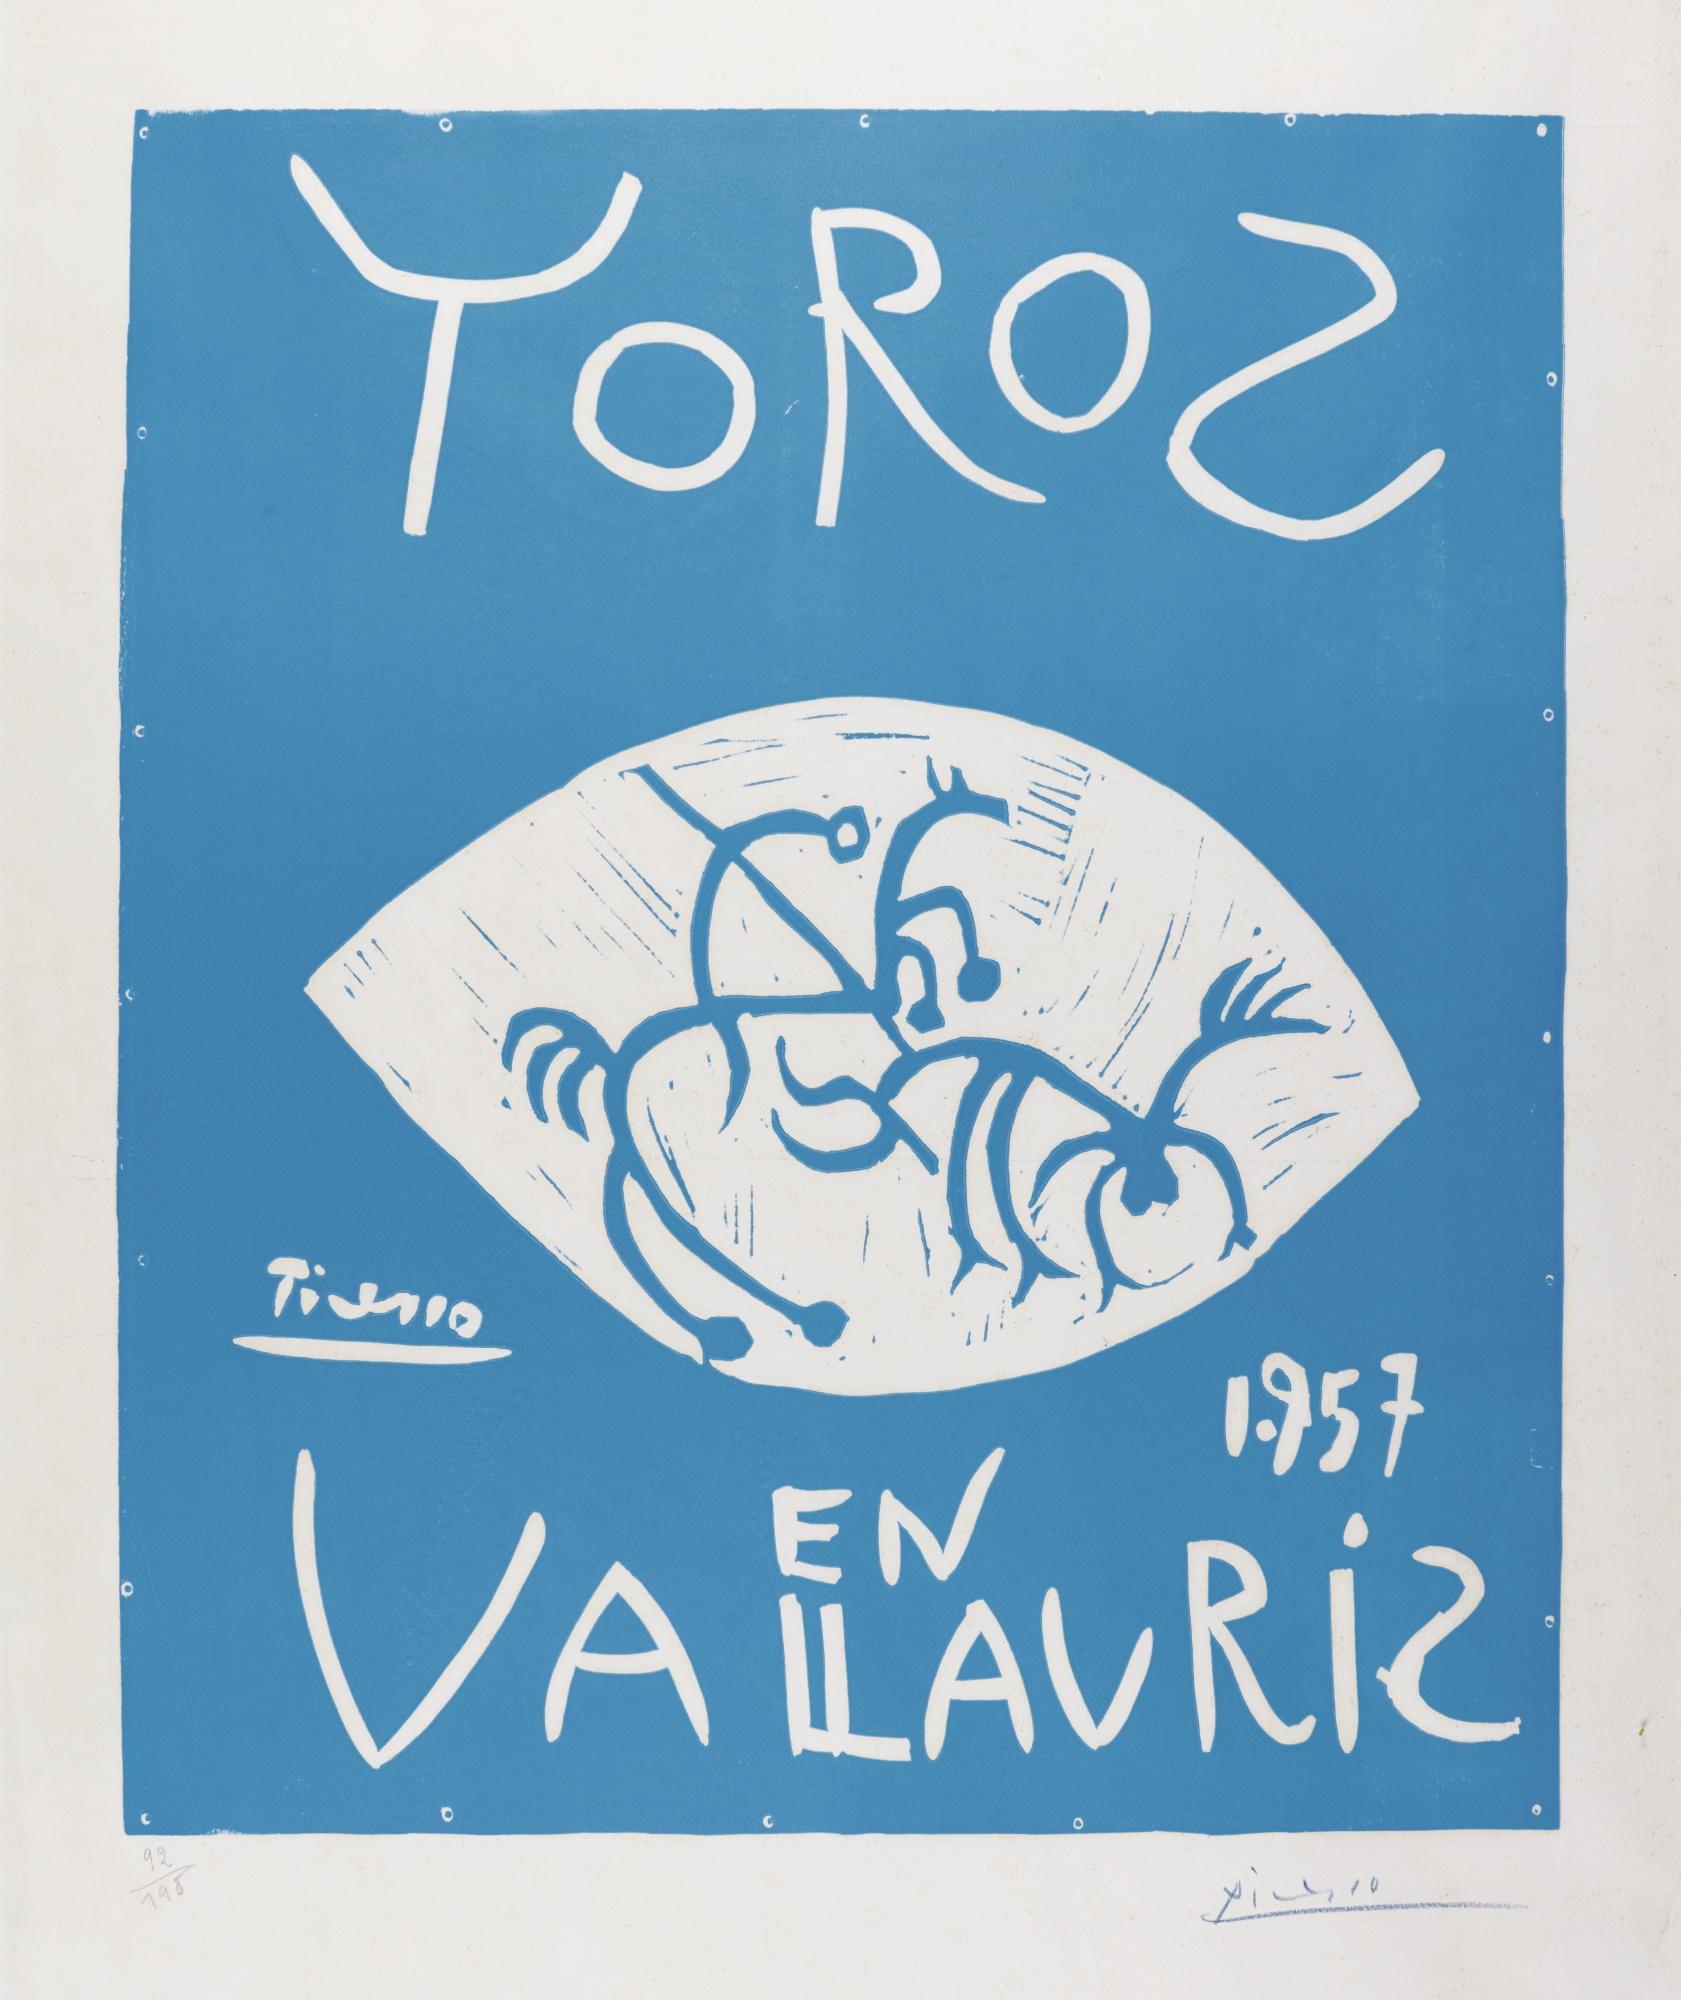 Pablo Picasso-Toros En Vallauris 1957 (B. 1276; Ba. 1045; Cz. 23)-1957